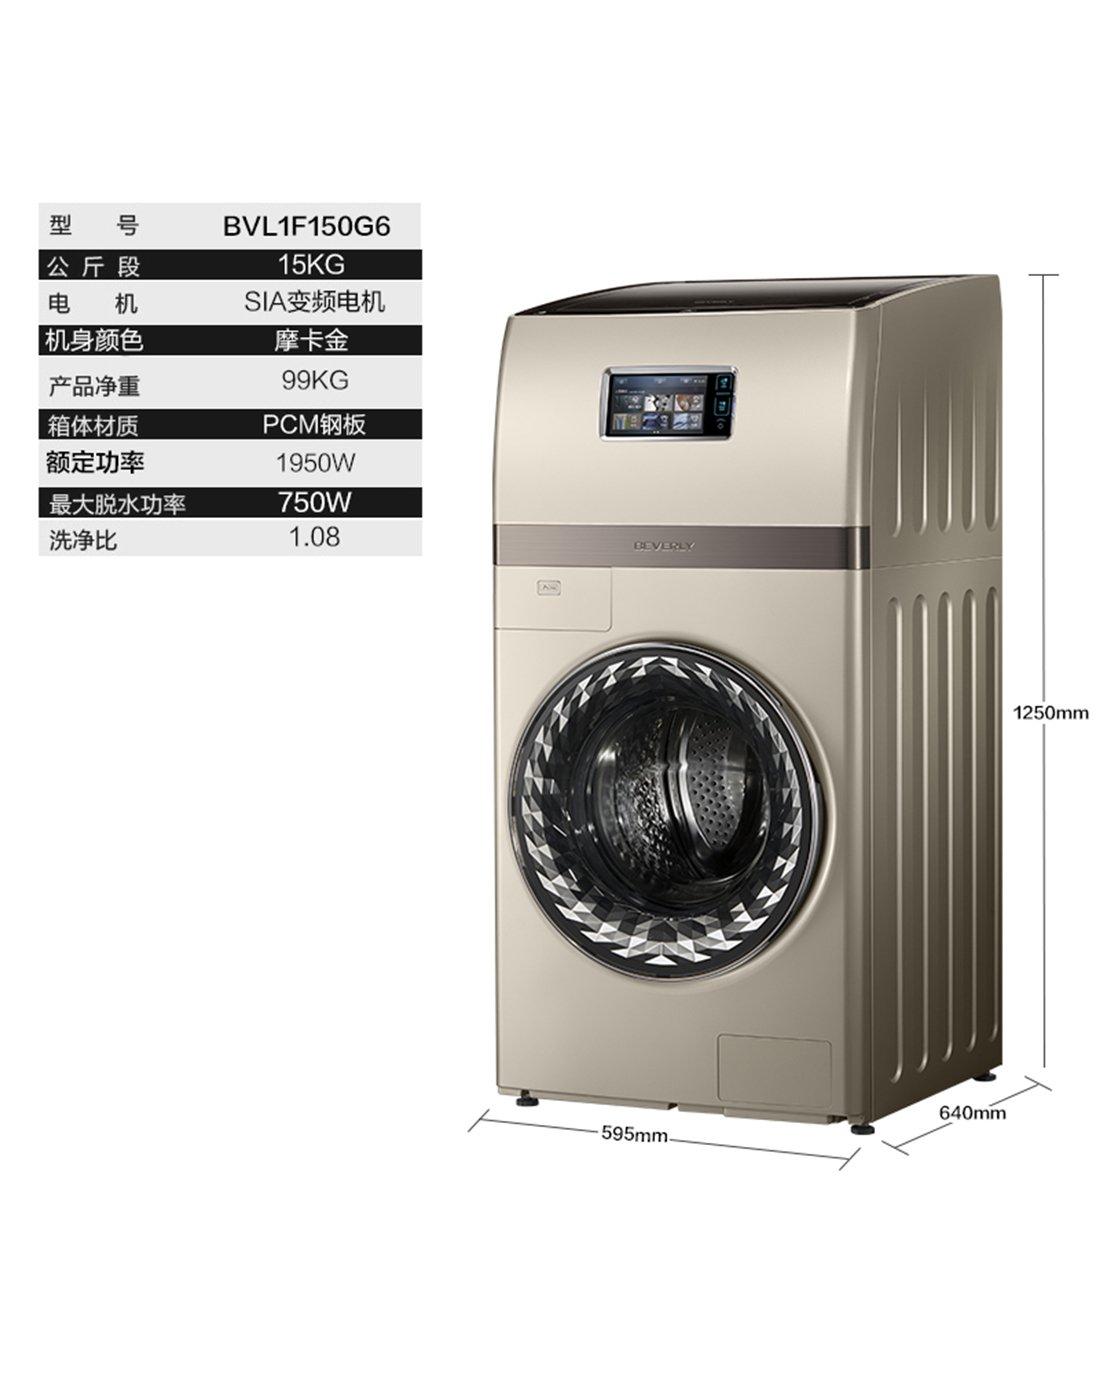 小天鹅比佛利vl1f150g615公斤全自动智能洗烘一体滚筒复式洗衣机